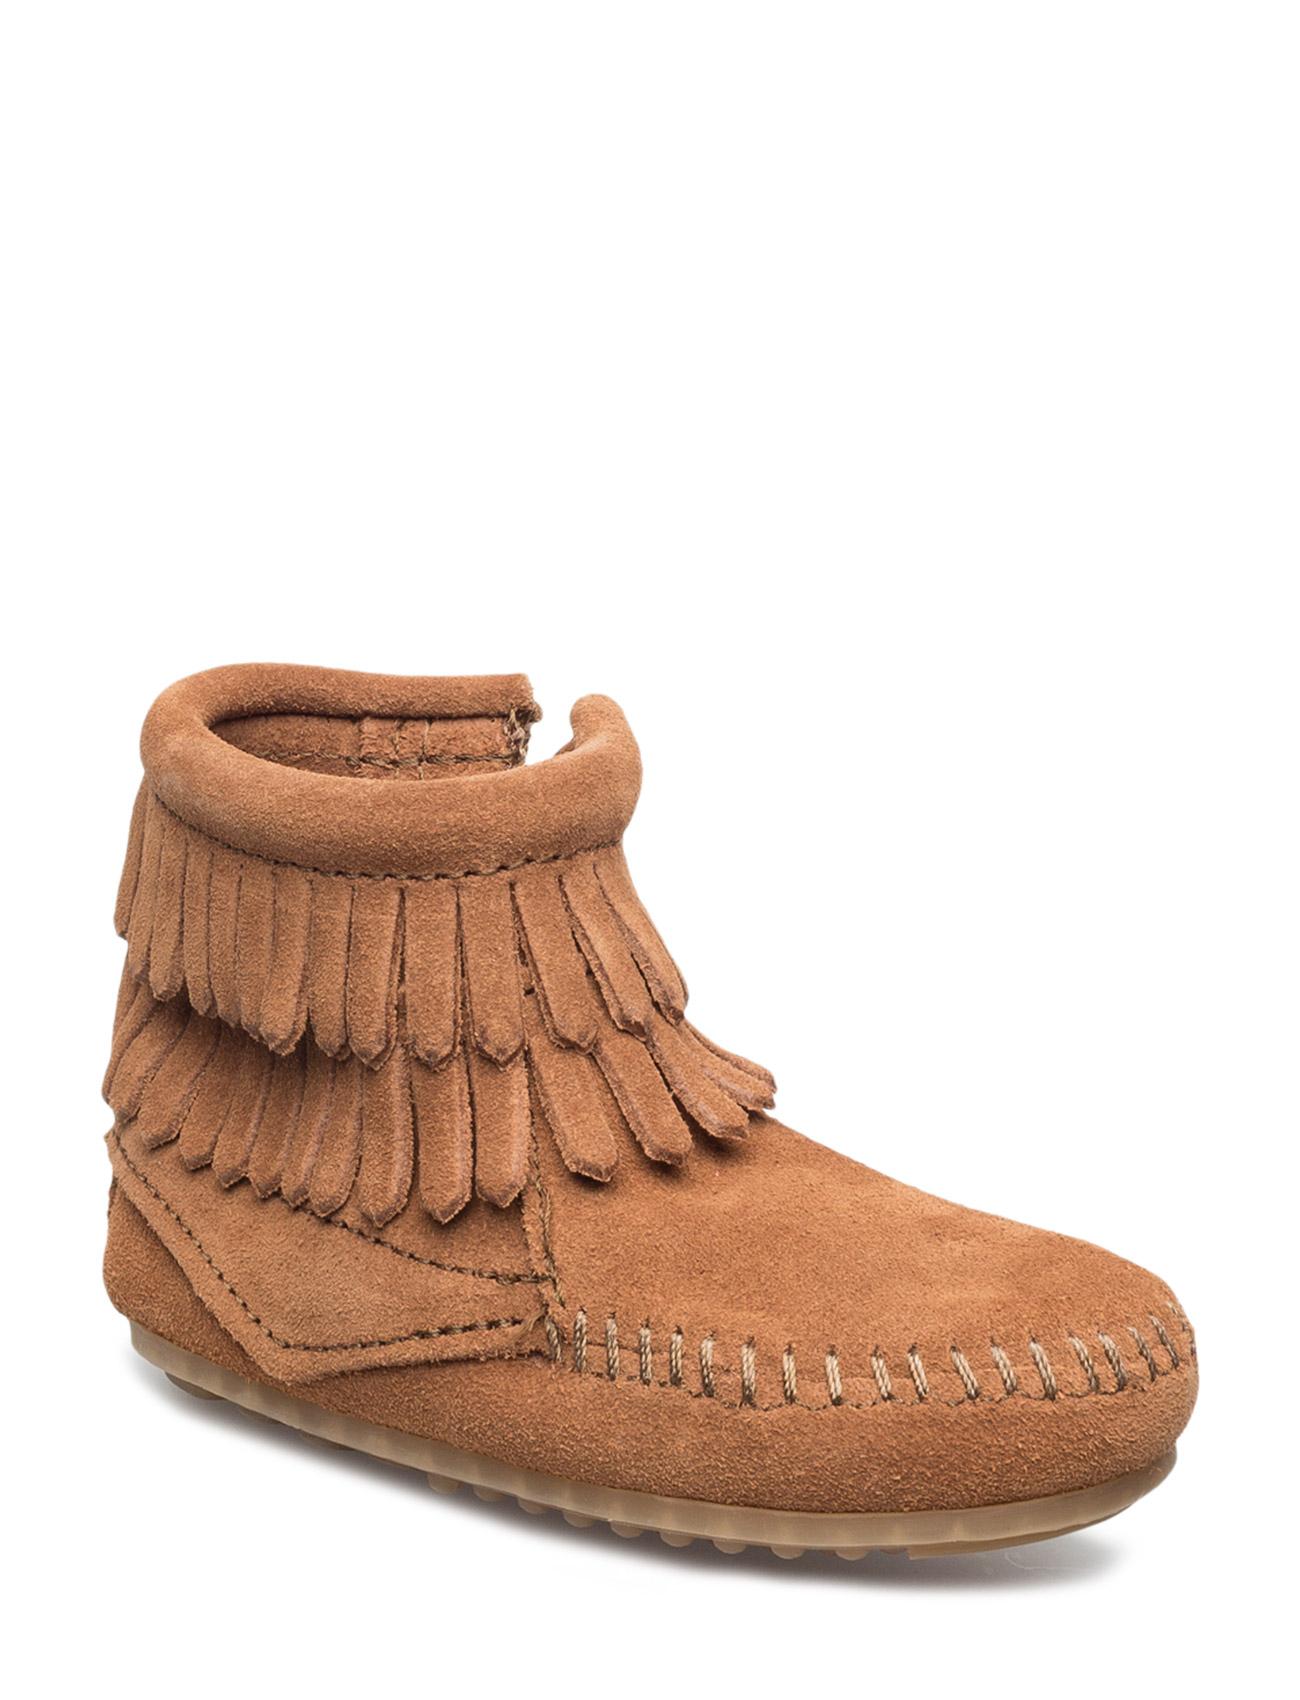 D Fringe Side Zip B Minnetonka Støvler til Børn i Brun